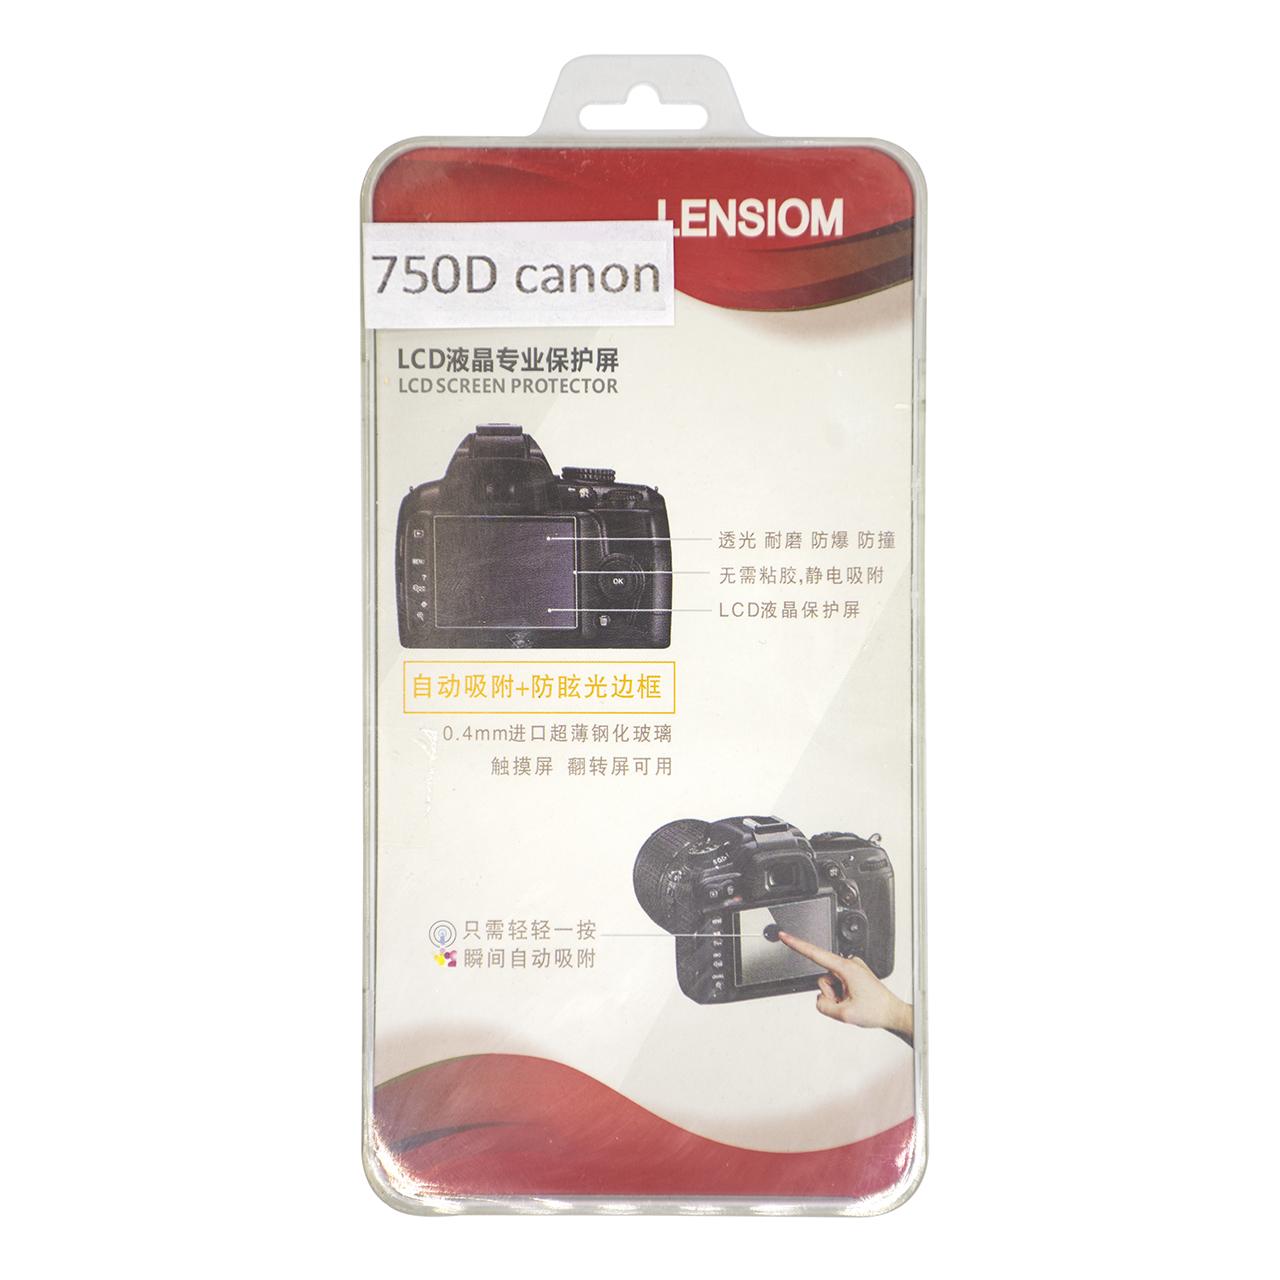 بررسی و {خرید با تخفیف} محافظ صفحه نمایش دوربین لنزیوم مدل L750D مناسب برای کانن 750D اصل